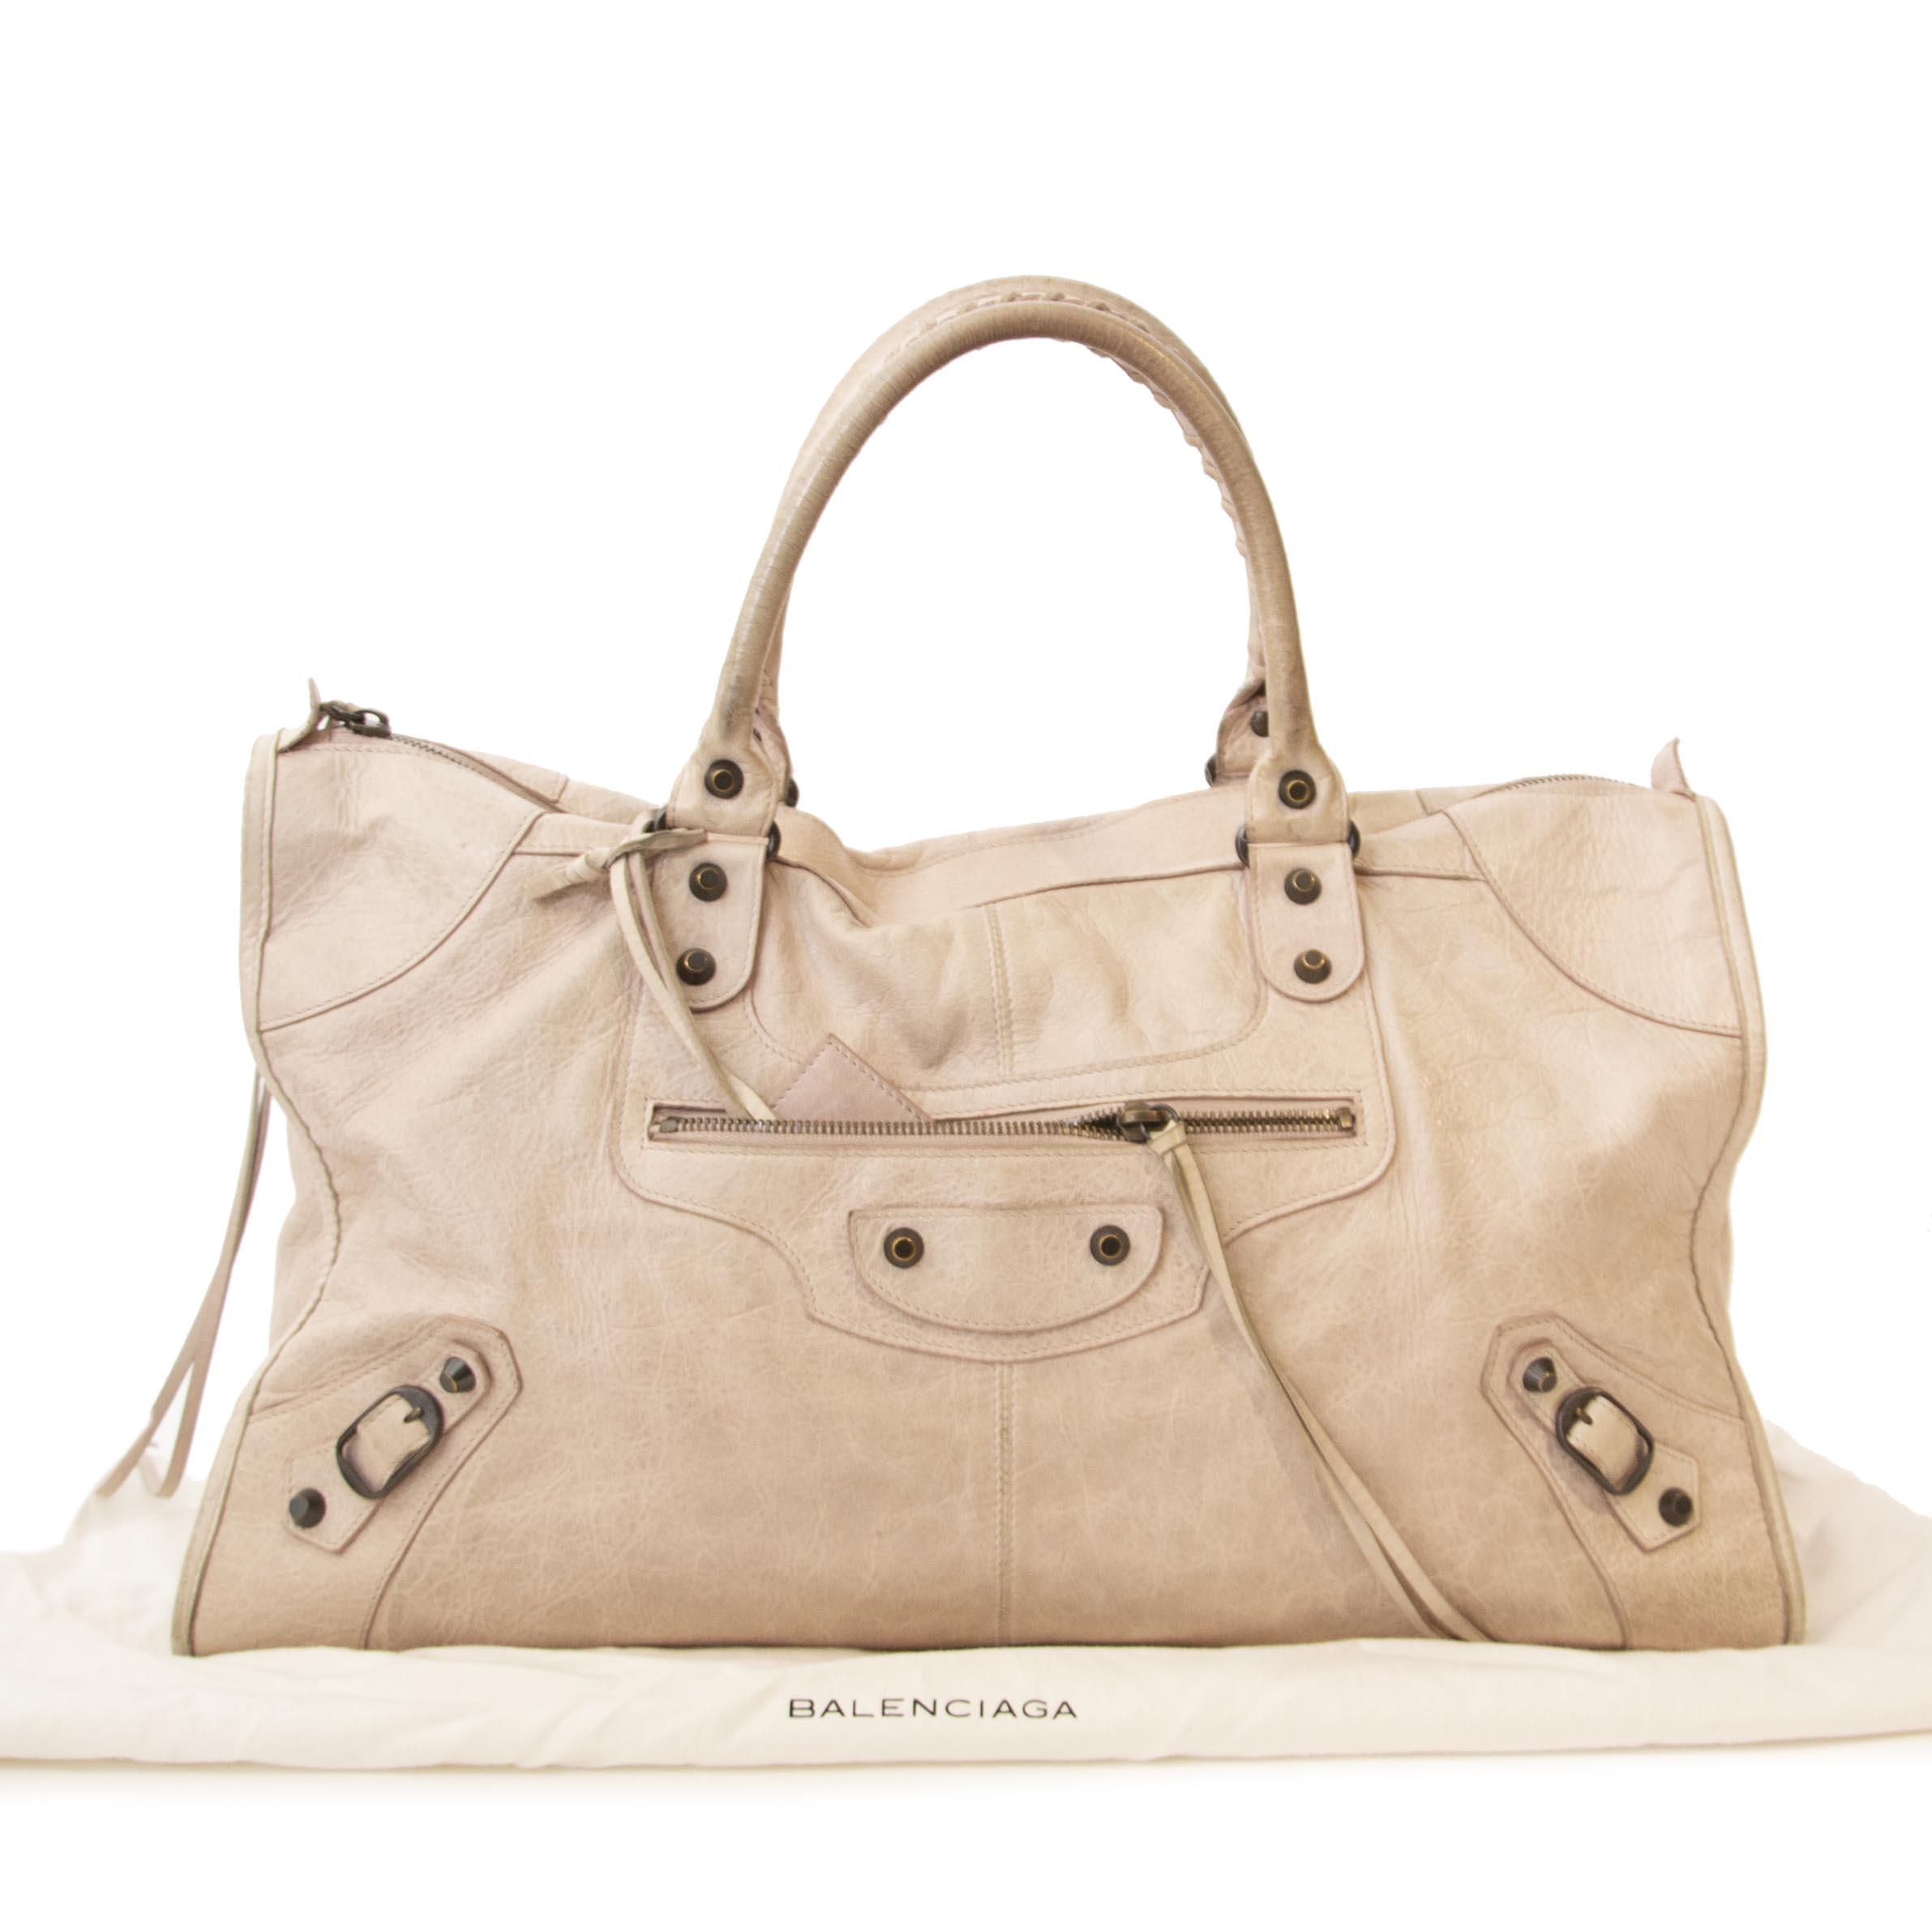 Balenciaga Blush Pink Work Bag kopen en verkopen aan de beste prijs